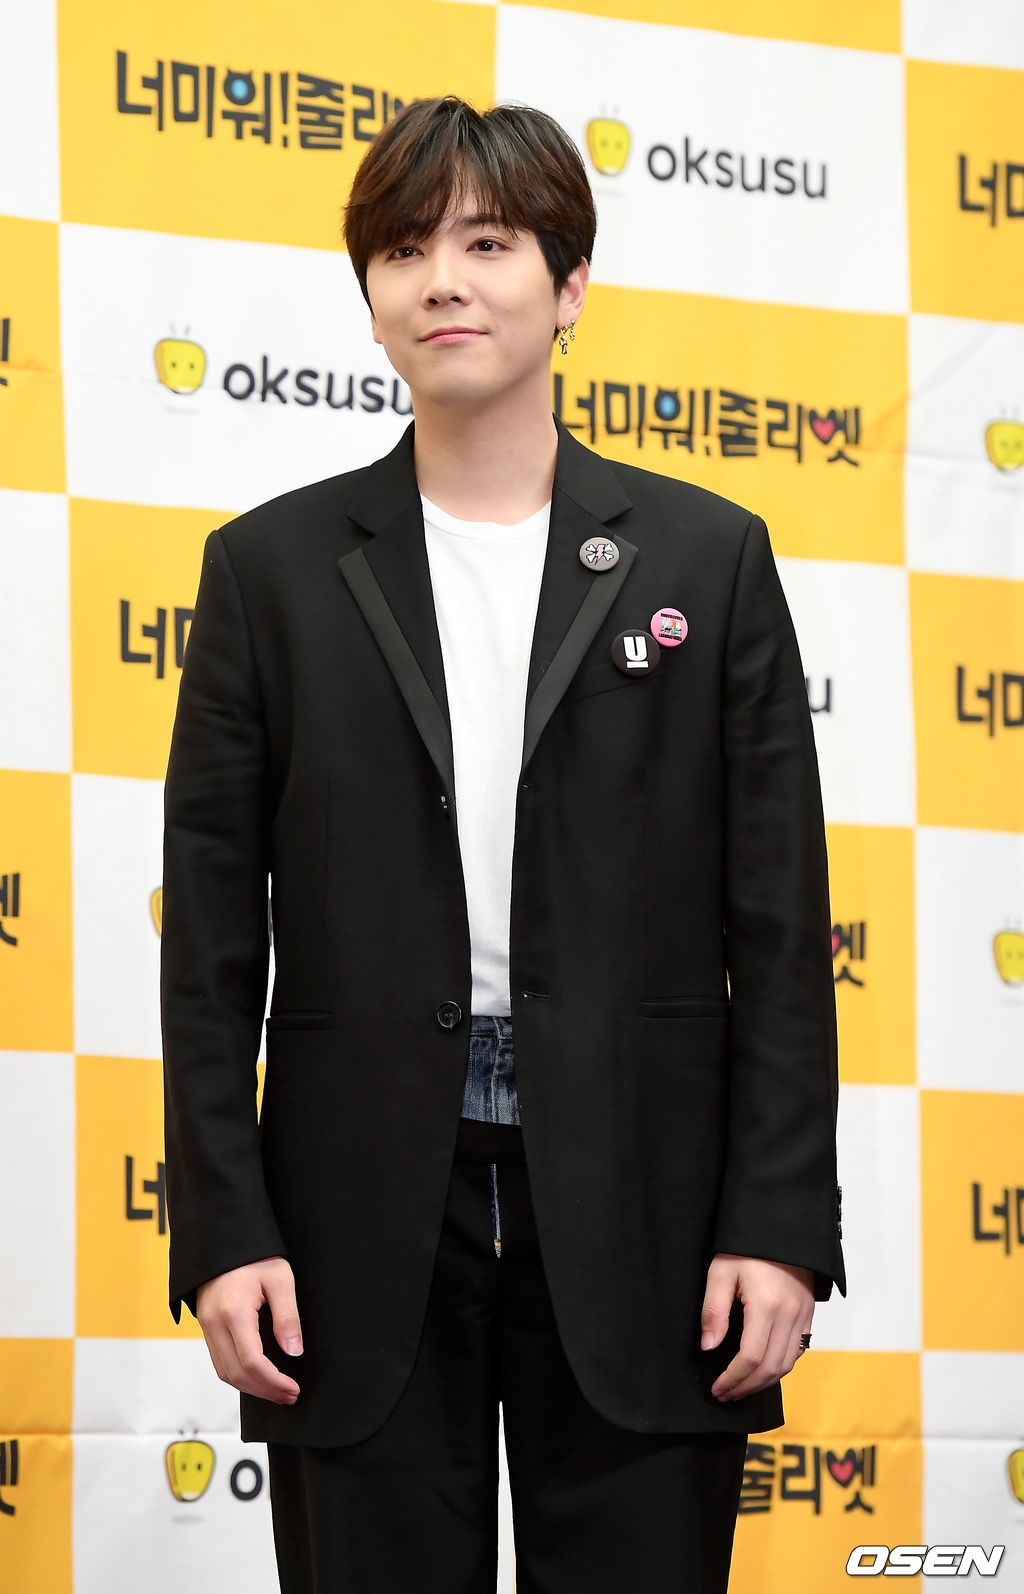 Mỹ nam Youre Beautiful Lee Hong Ki gây choáng khi diện quần lồng quần, còn không kéo khóa tại sự kiện - Ảnh 4.